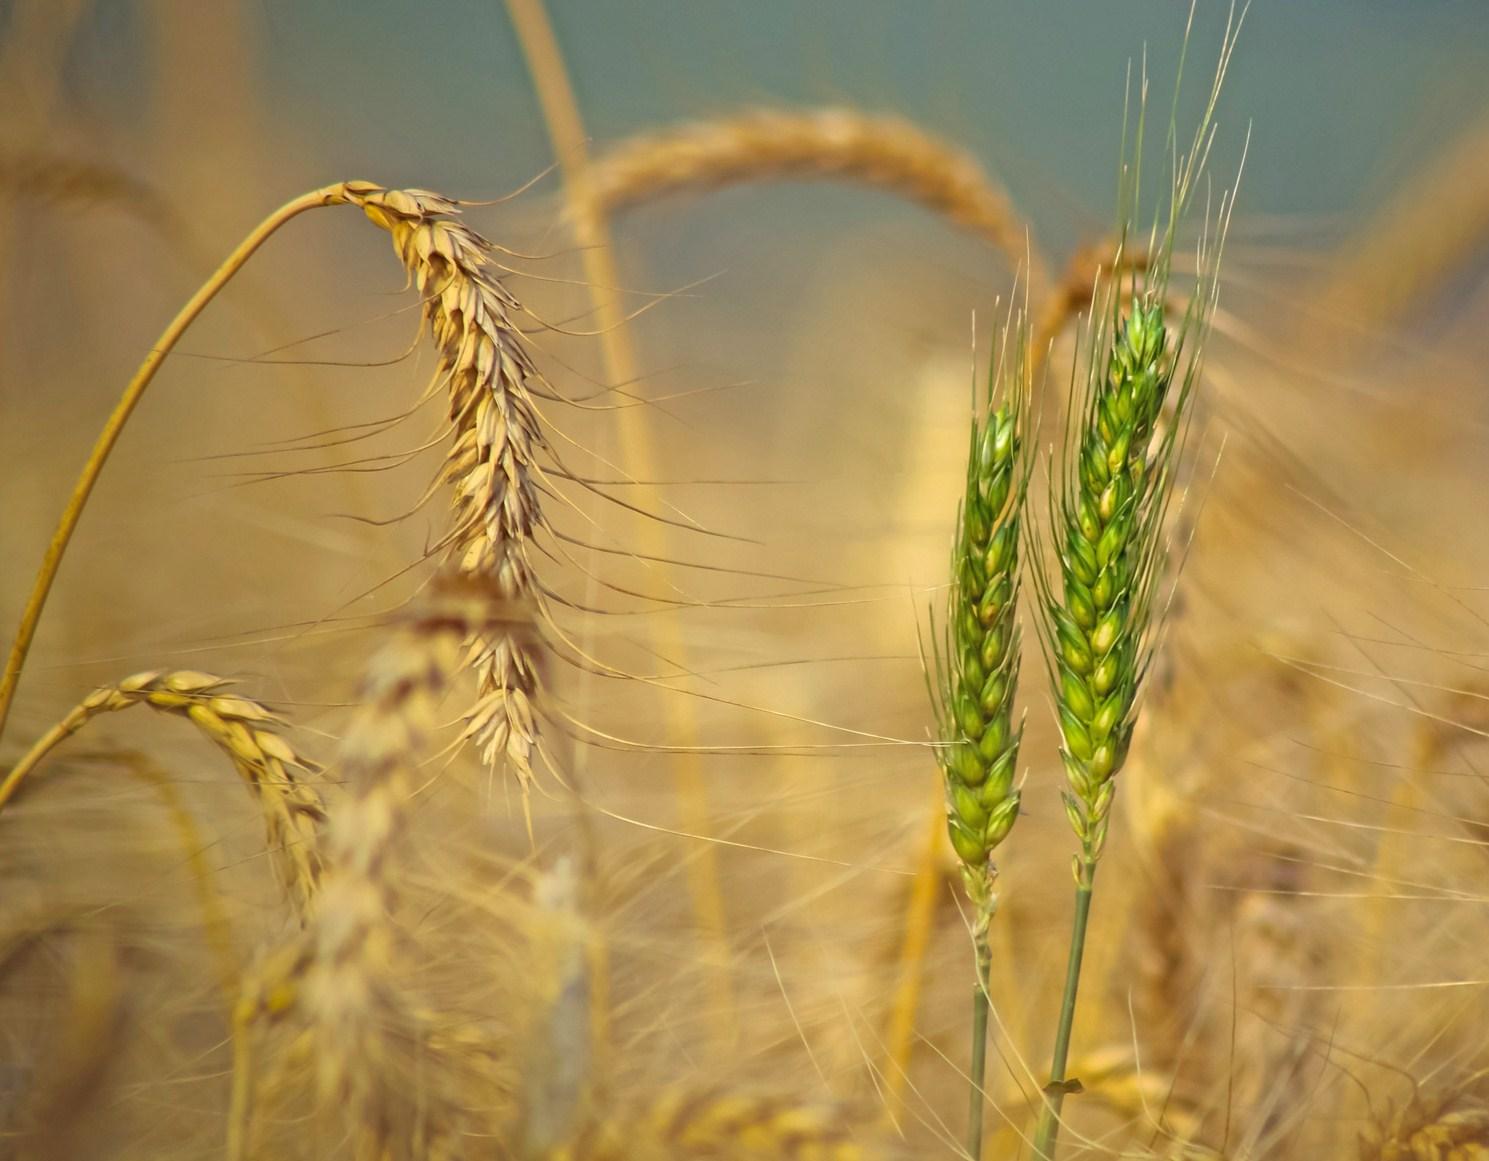 Resultado de imagem para imagem do joio e do trigo